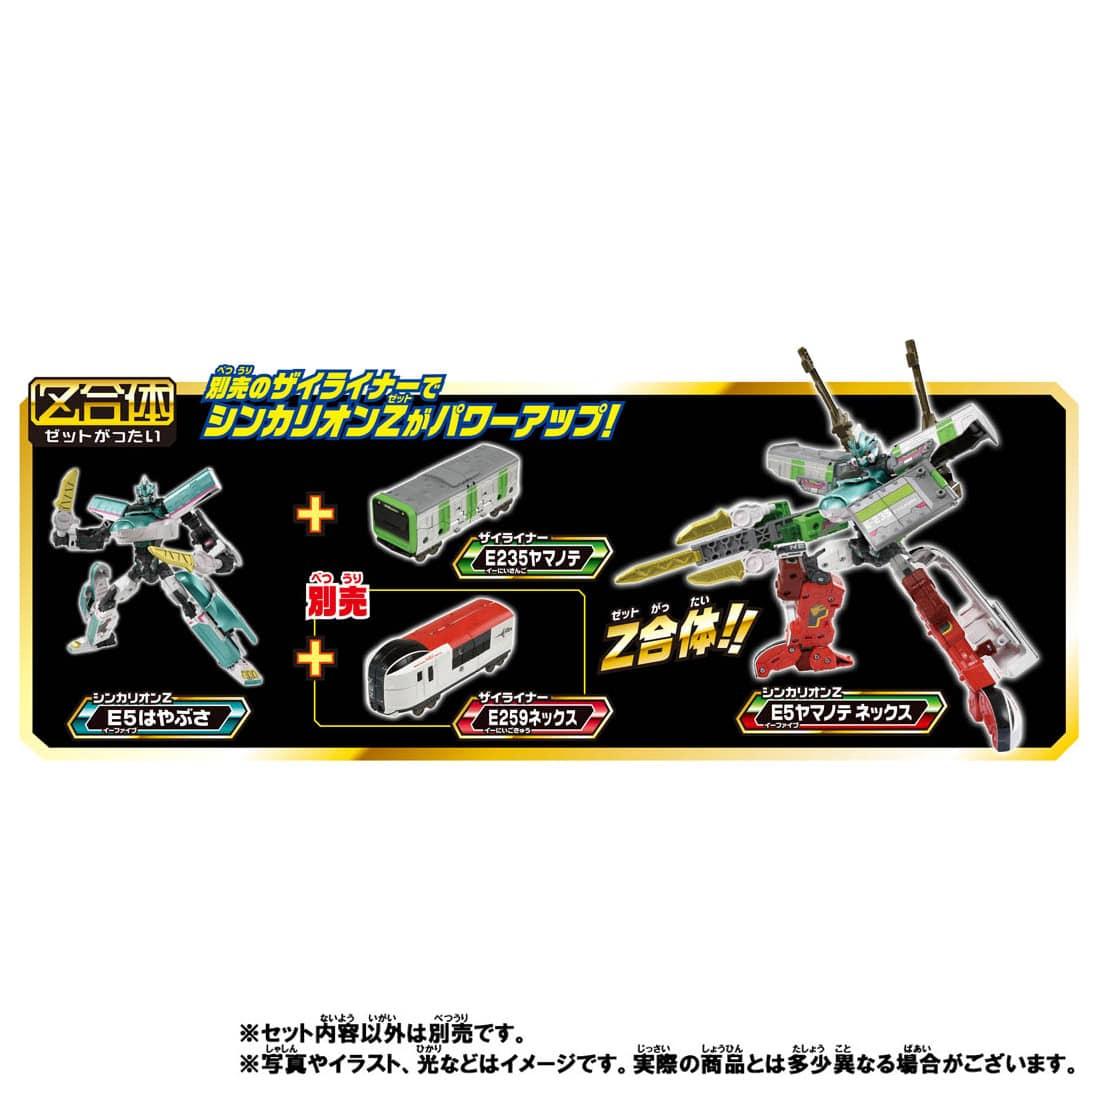 新幹線変形ロボ シンカリオンZ『シンカリオンZ E5ヤマノテセット』可変合体プラレール-006